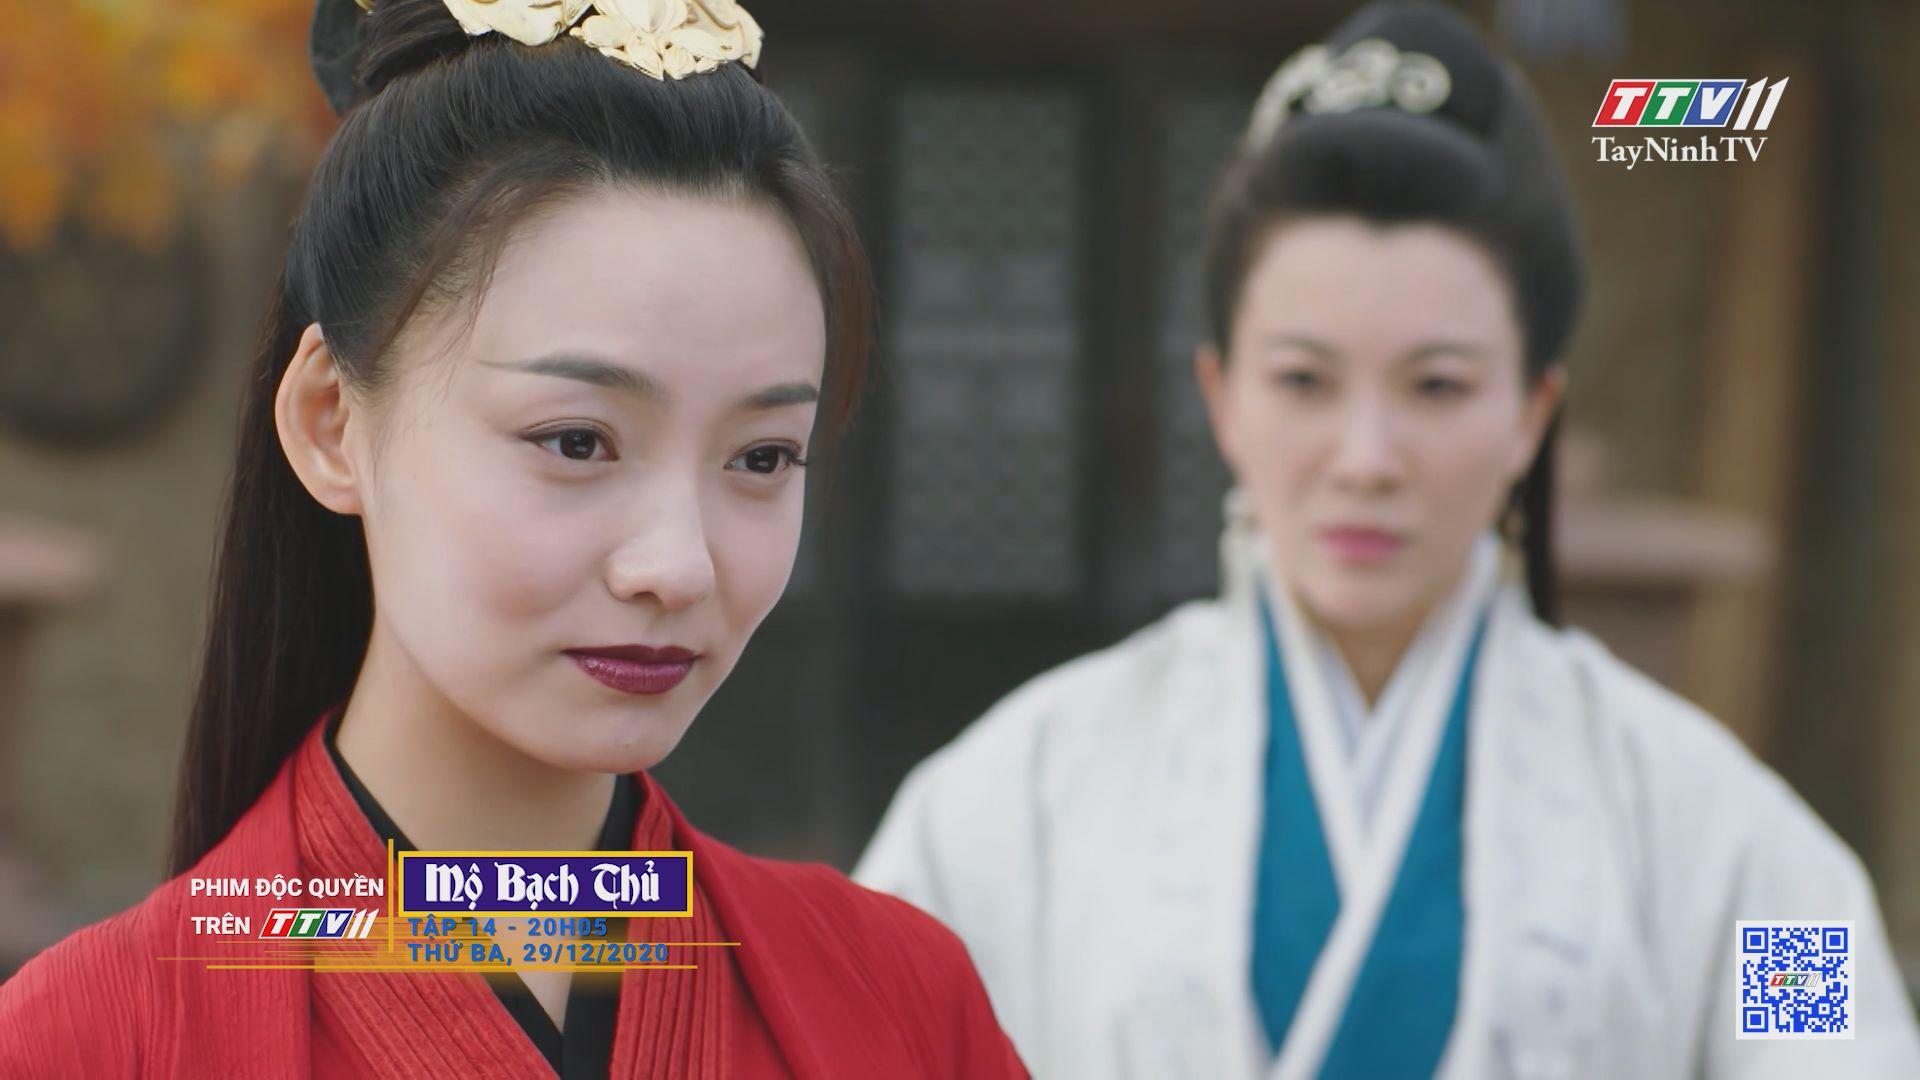 Mộ Bạch Thủ-TẬP 14 trailer | PHIM MỘ BẠCH THỦ | TayNinhTV